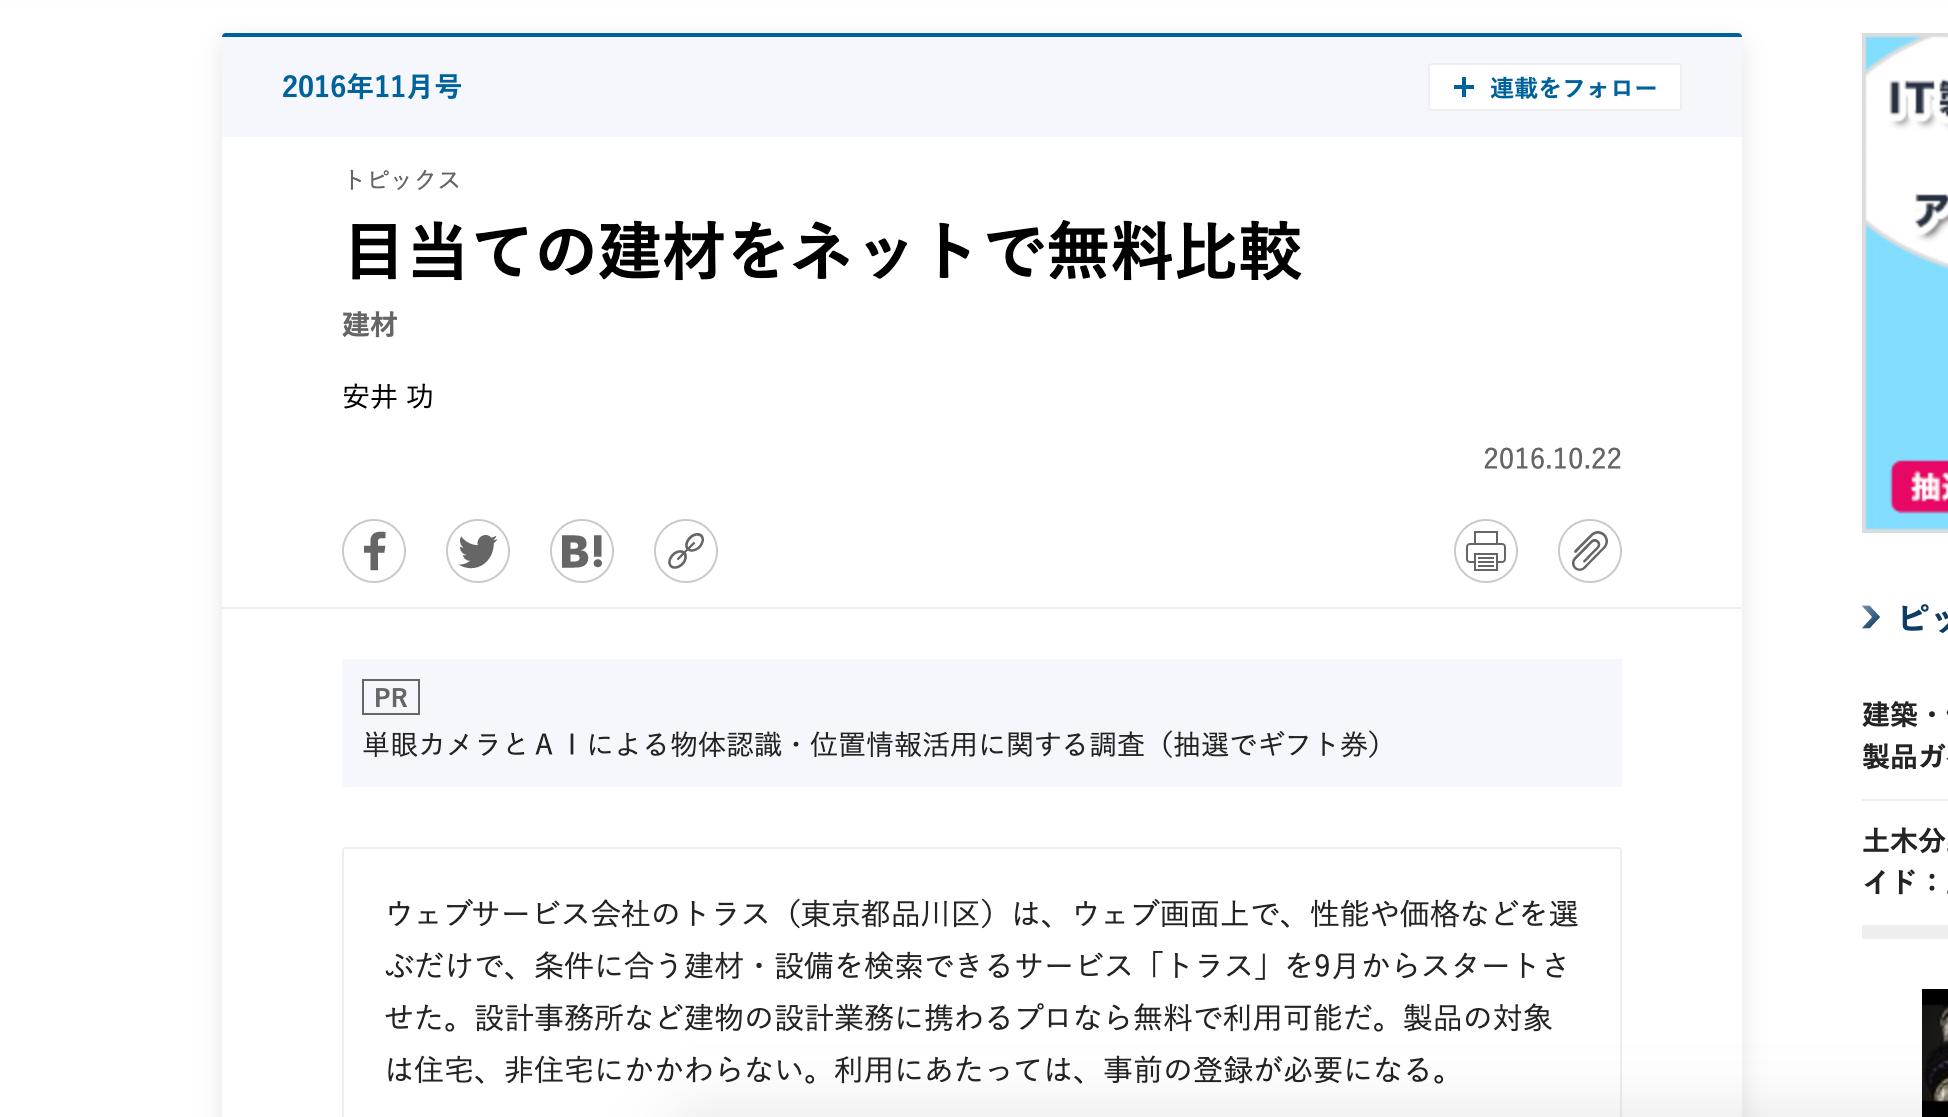 『日経ホームビルダー』に弊社サービスについての記事が掲載されました